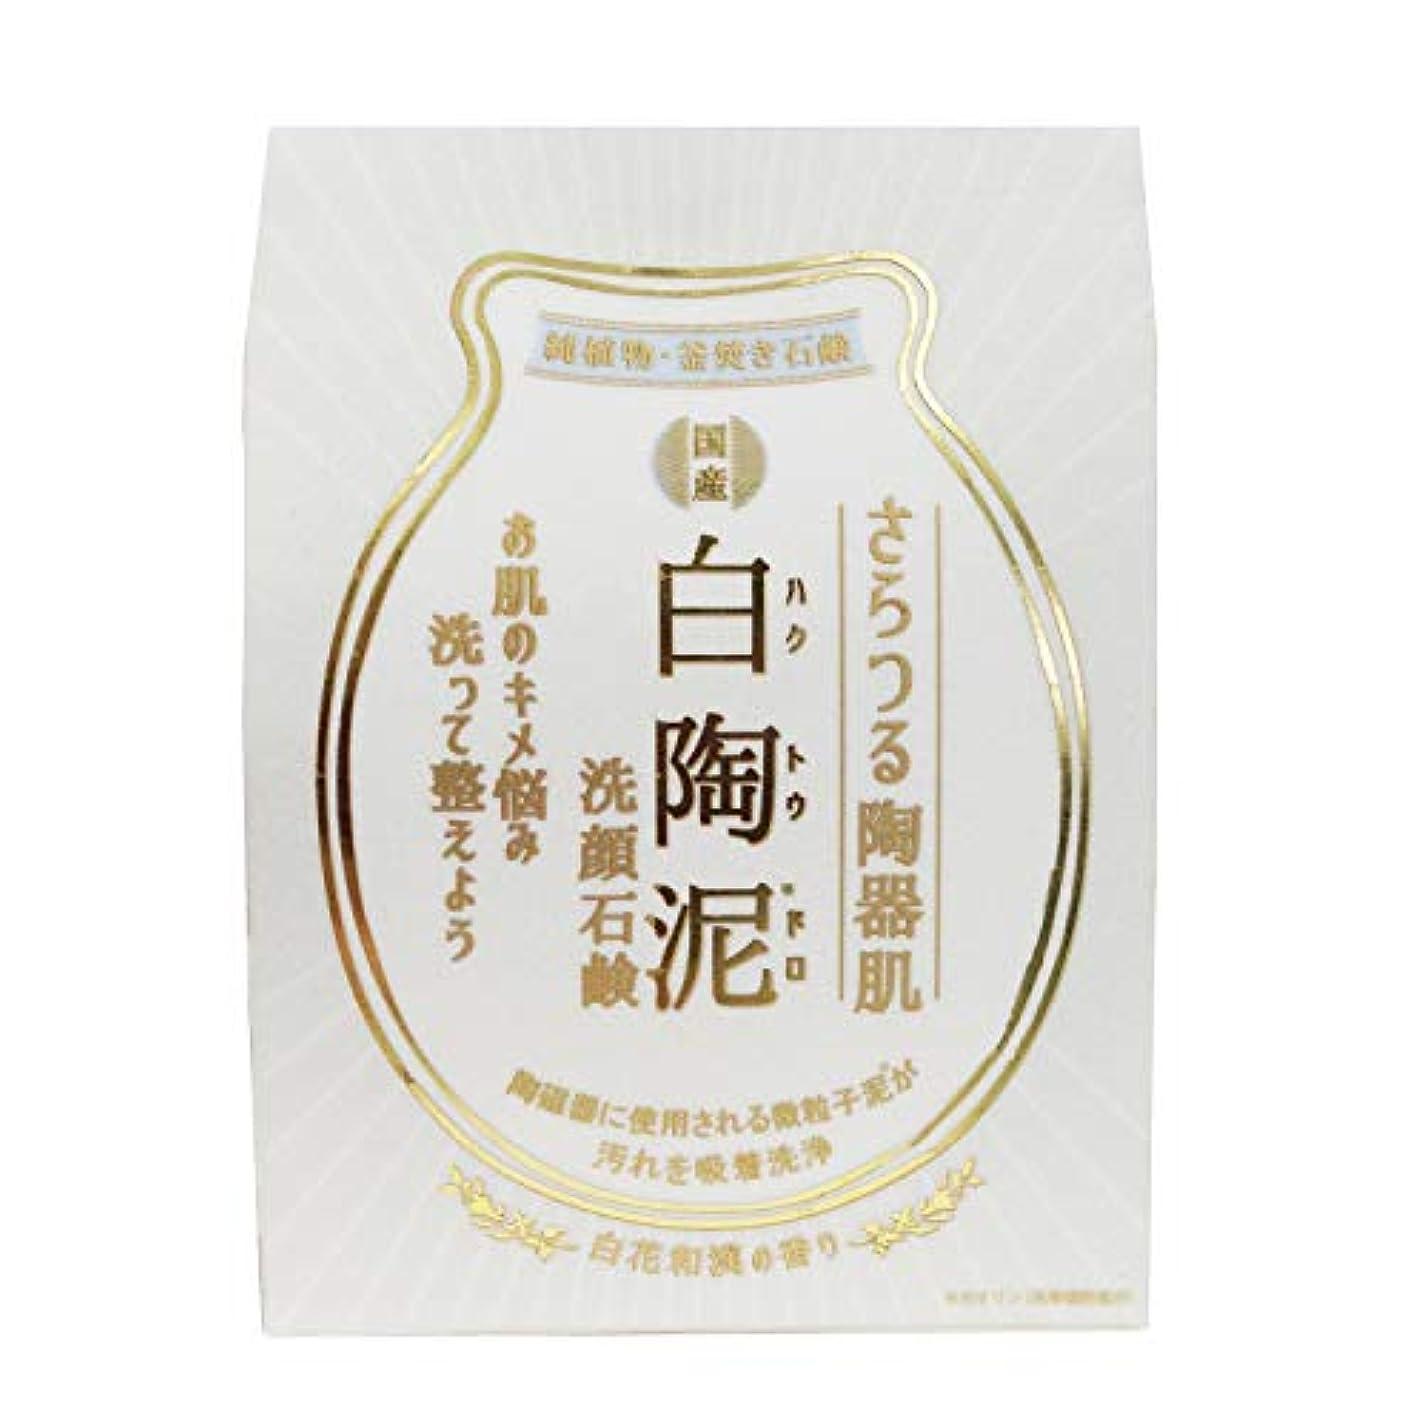 ペリカン石鹸 白陶泥洗顔石鹸 100g